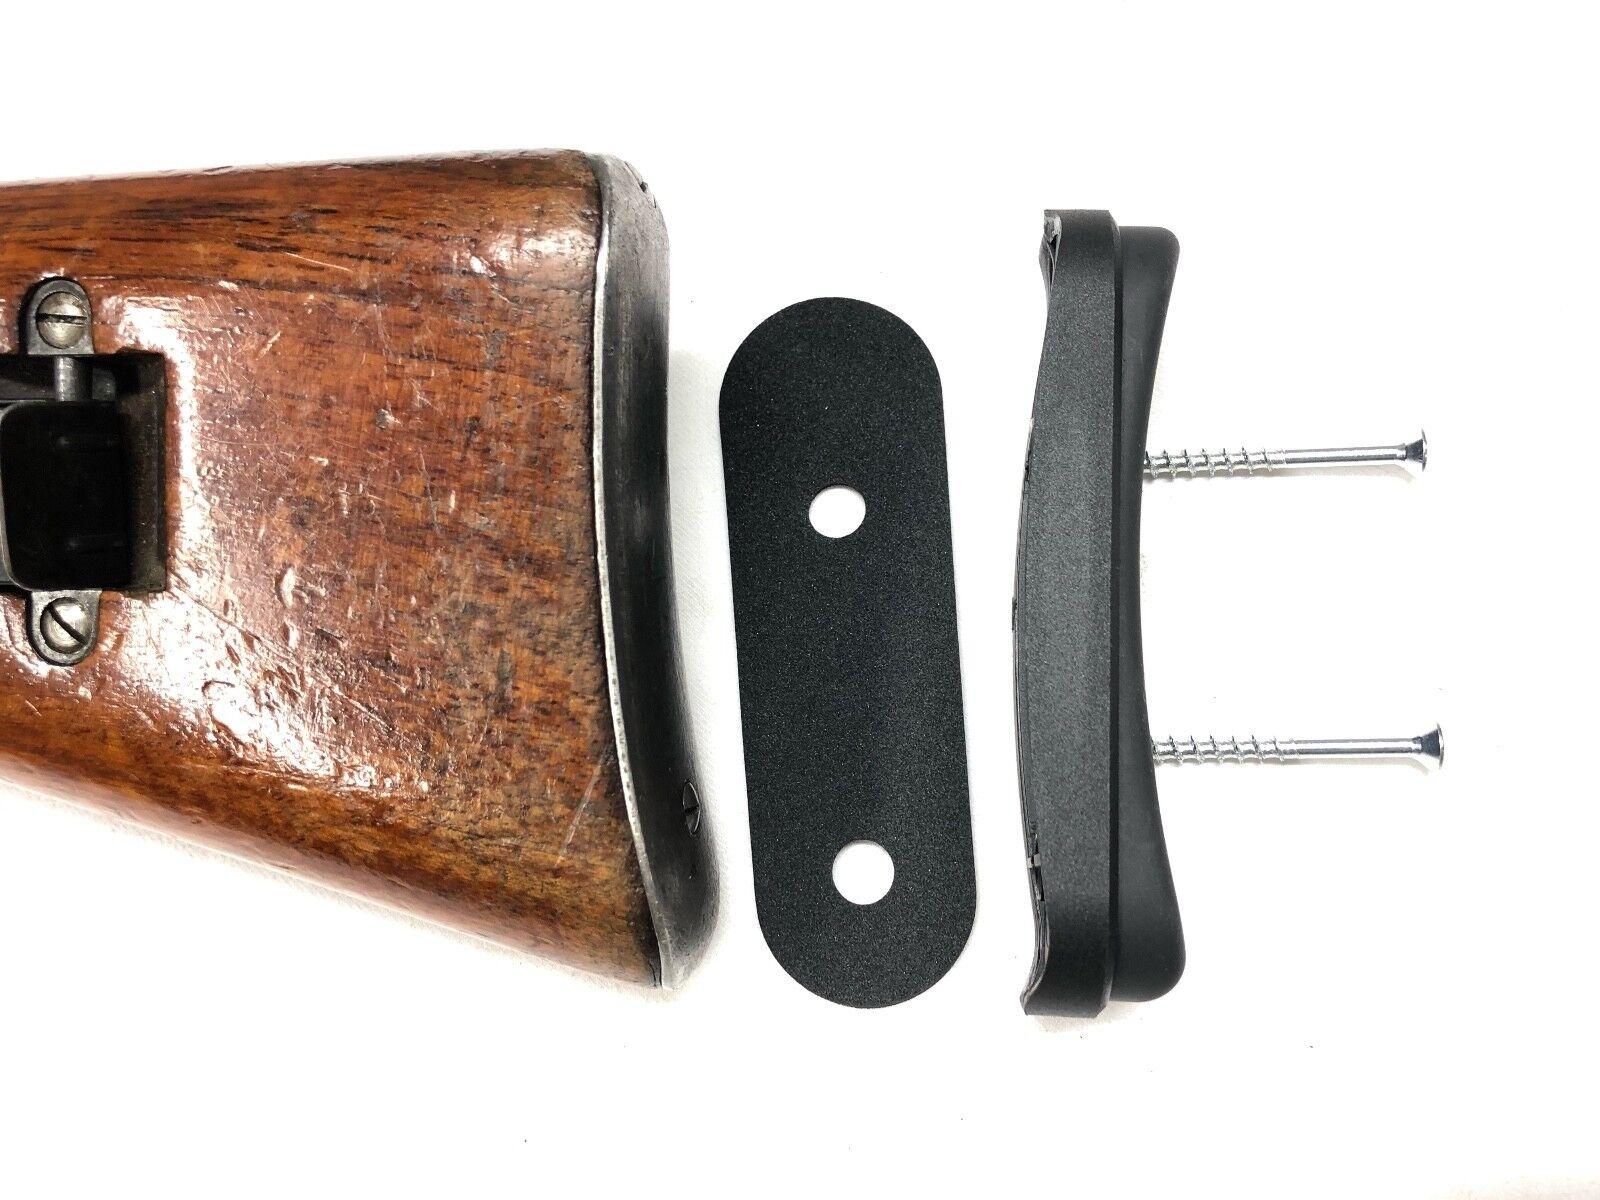 Schmidt RUBIN K31 Recoil Pad Extension Set - 15 mm-Mod Wyss Fabriqué en Suisse